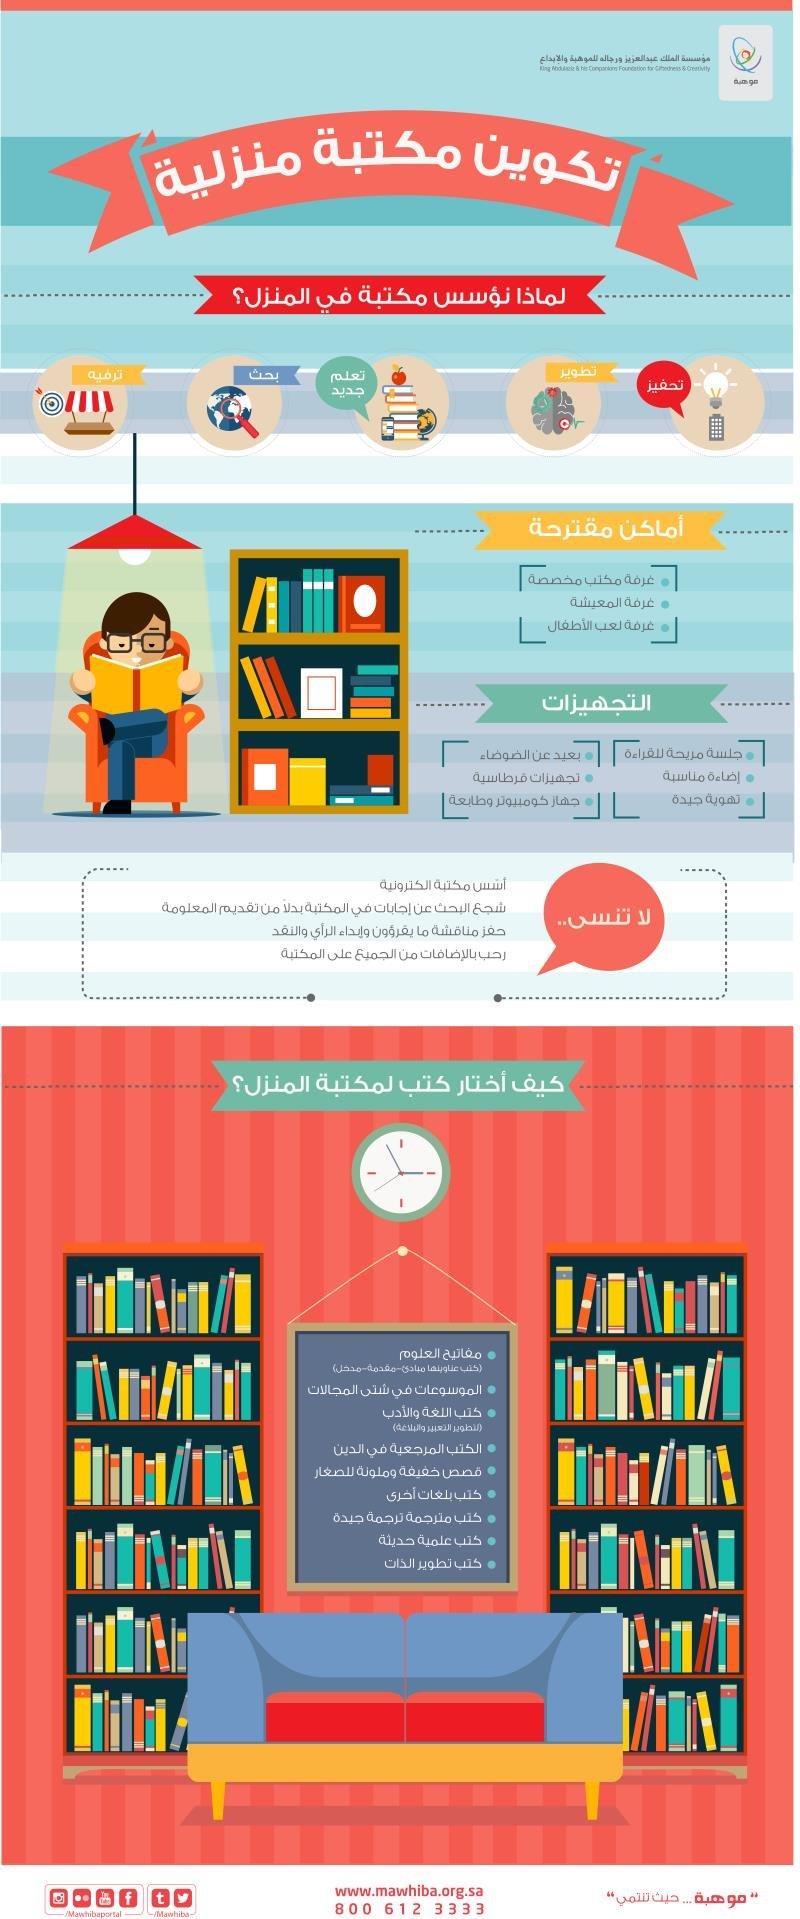 #انفوجرافيك تكوين مكتبة منزلية